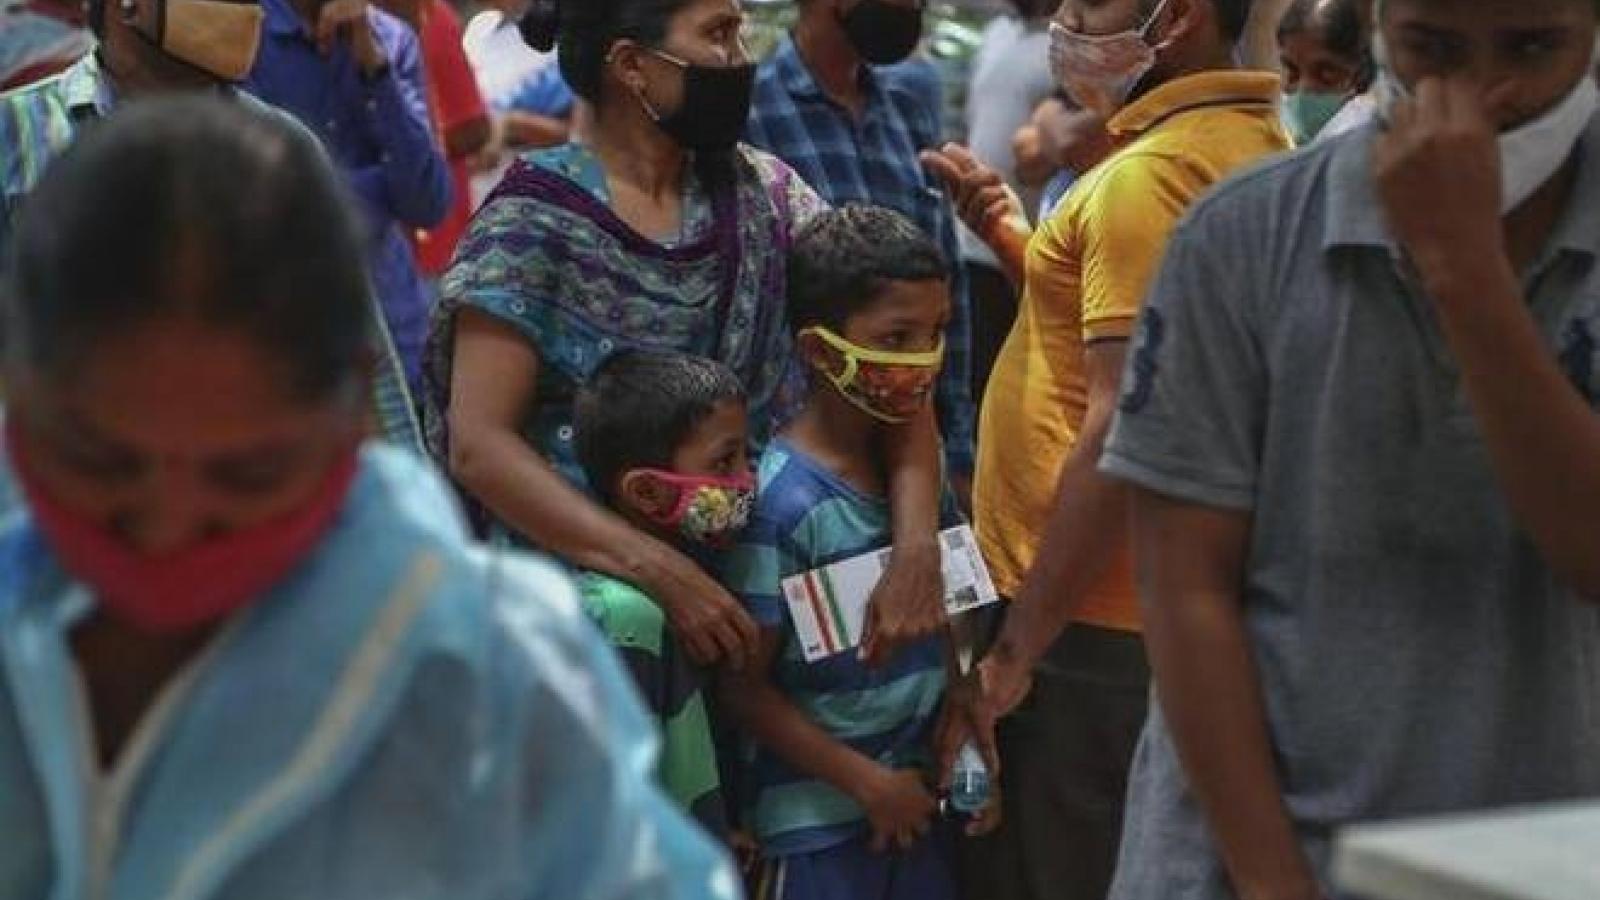 Giới chức y tế Ấn Độ kêu gọi người dân đeo khẩu trang cả khi ở nhà để ngừa Covid-19